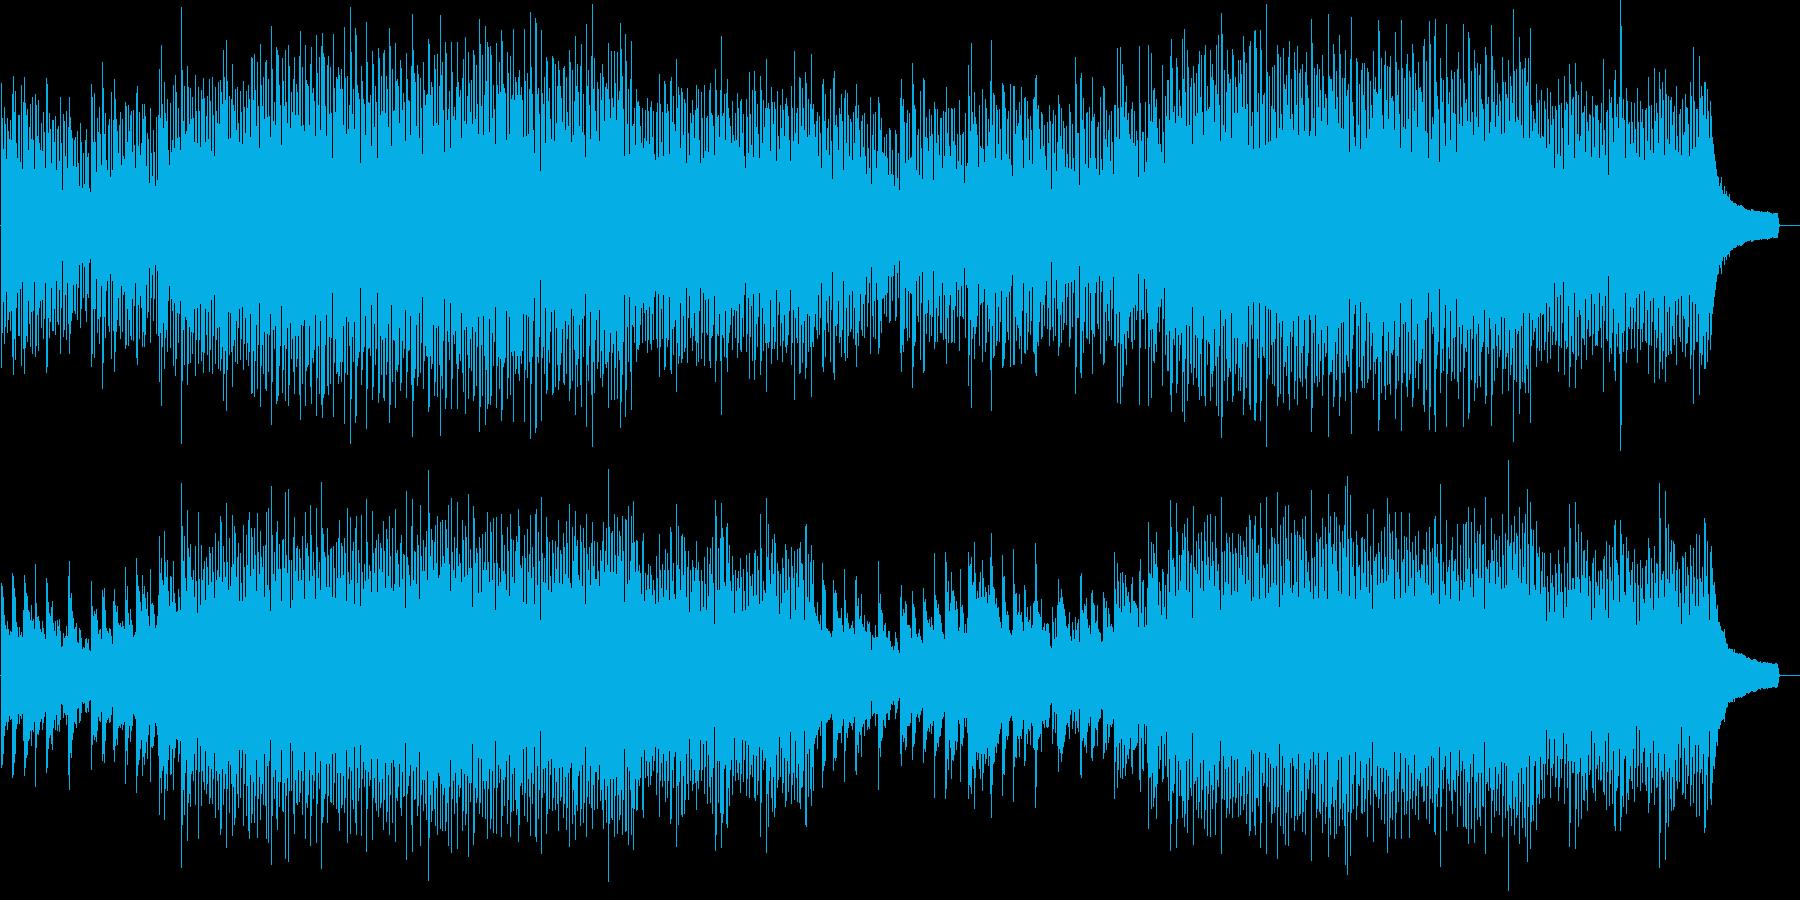 疾走感&爽快感のあるBGMの再生済みの波形